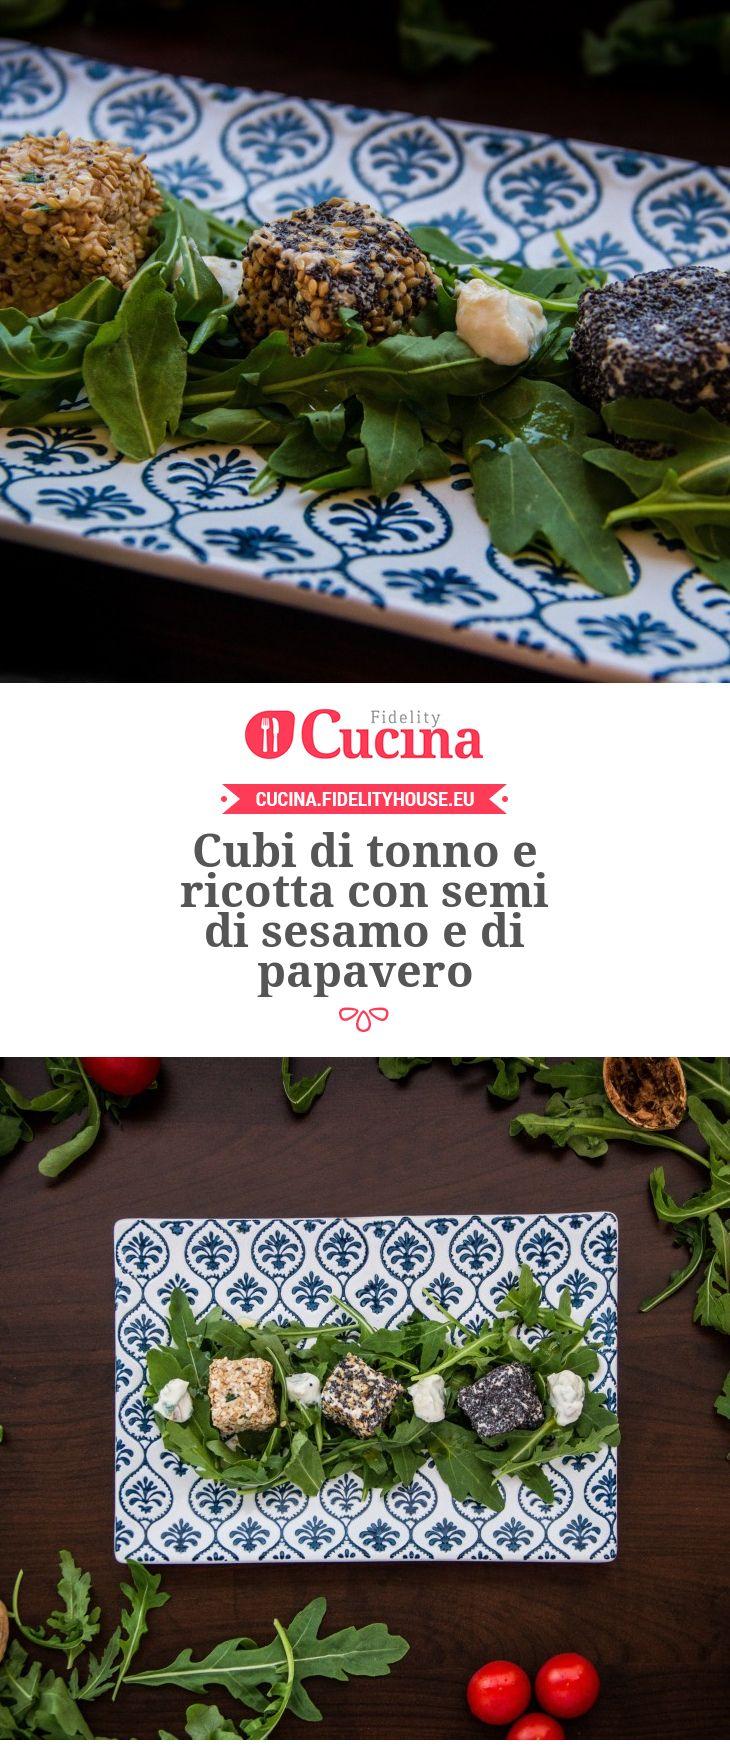 Cubi di #tonno e #ricotta con semi di sesamo e di papavero della nostra utente Fabiola. Unisciti alla nostra Community ed invia le tue ricette!